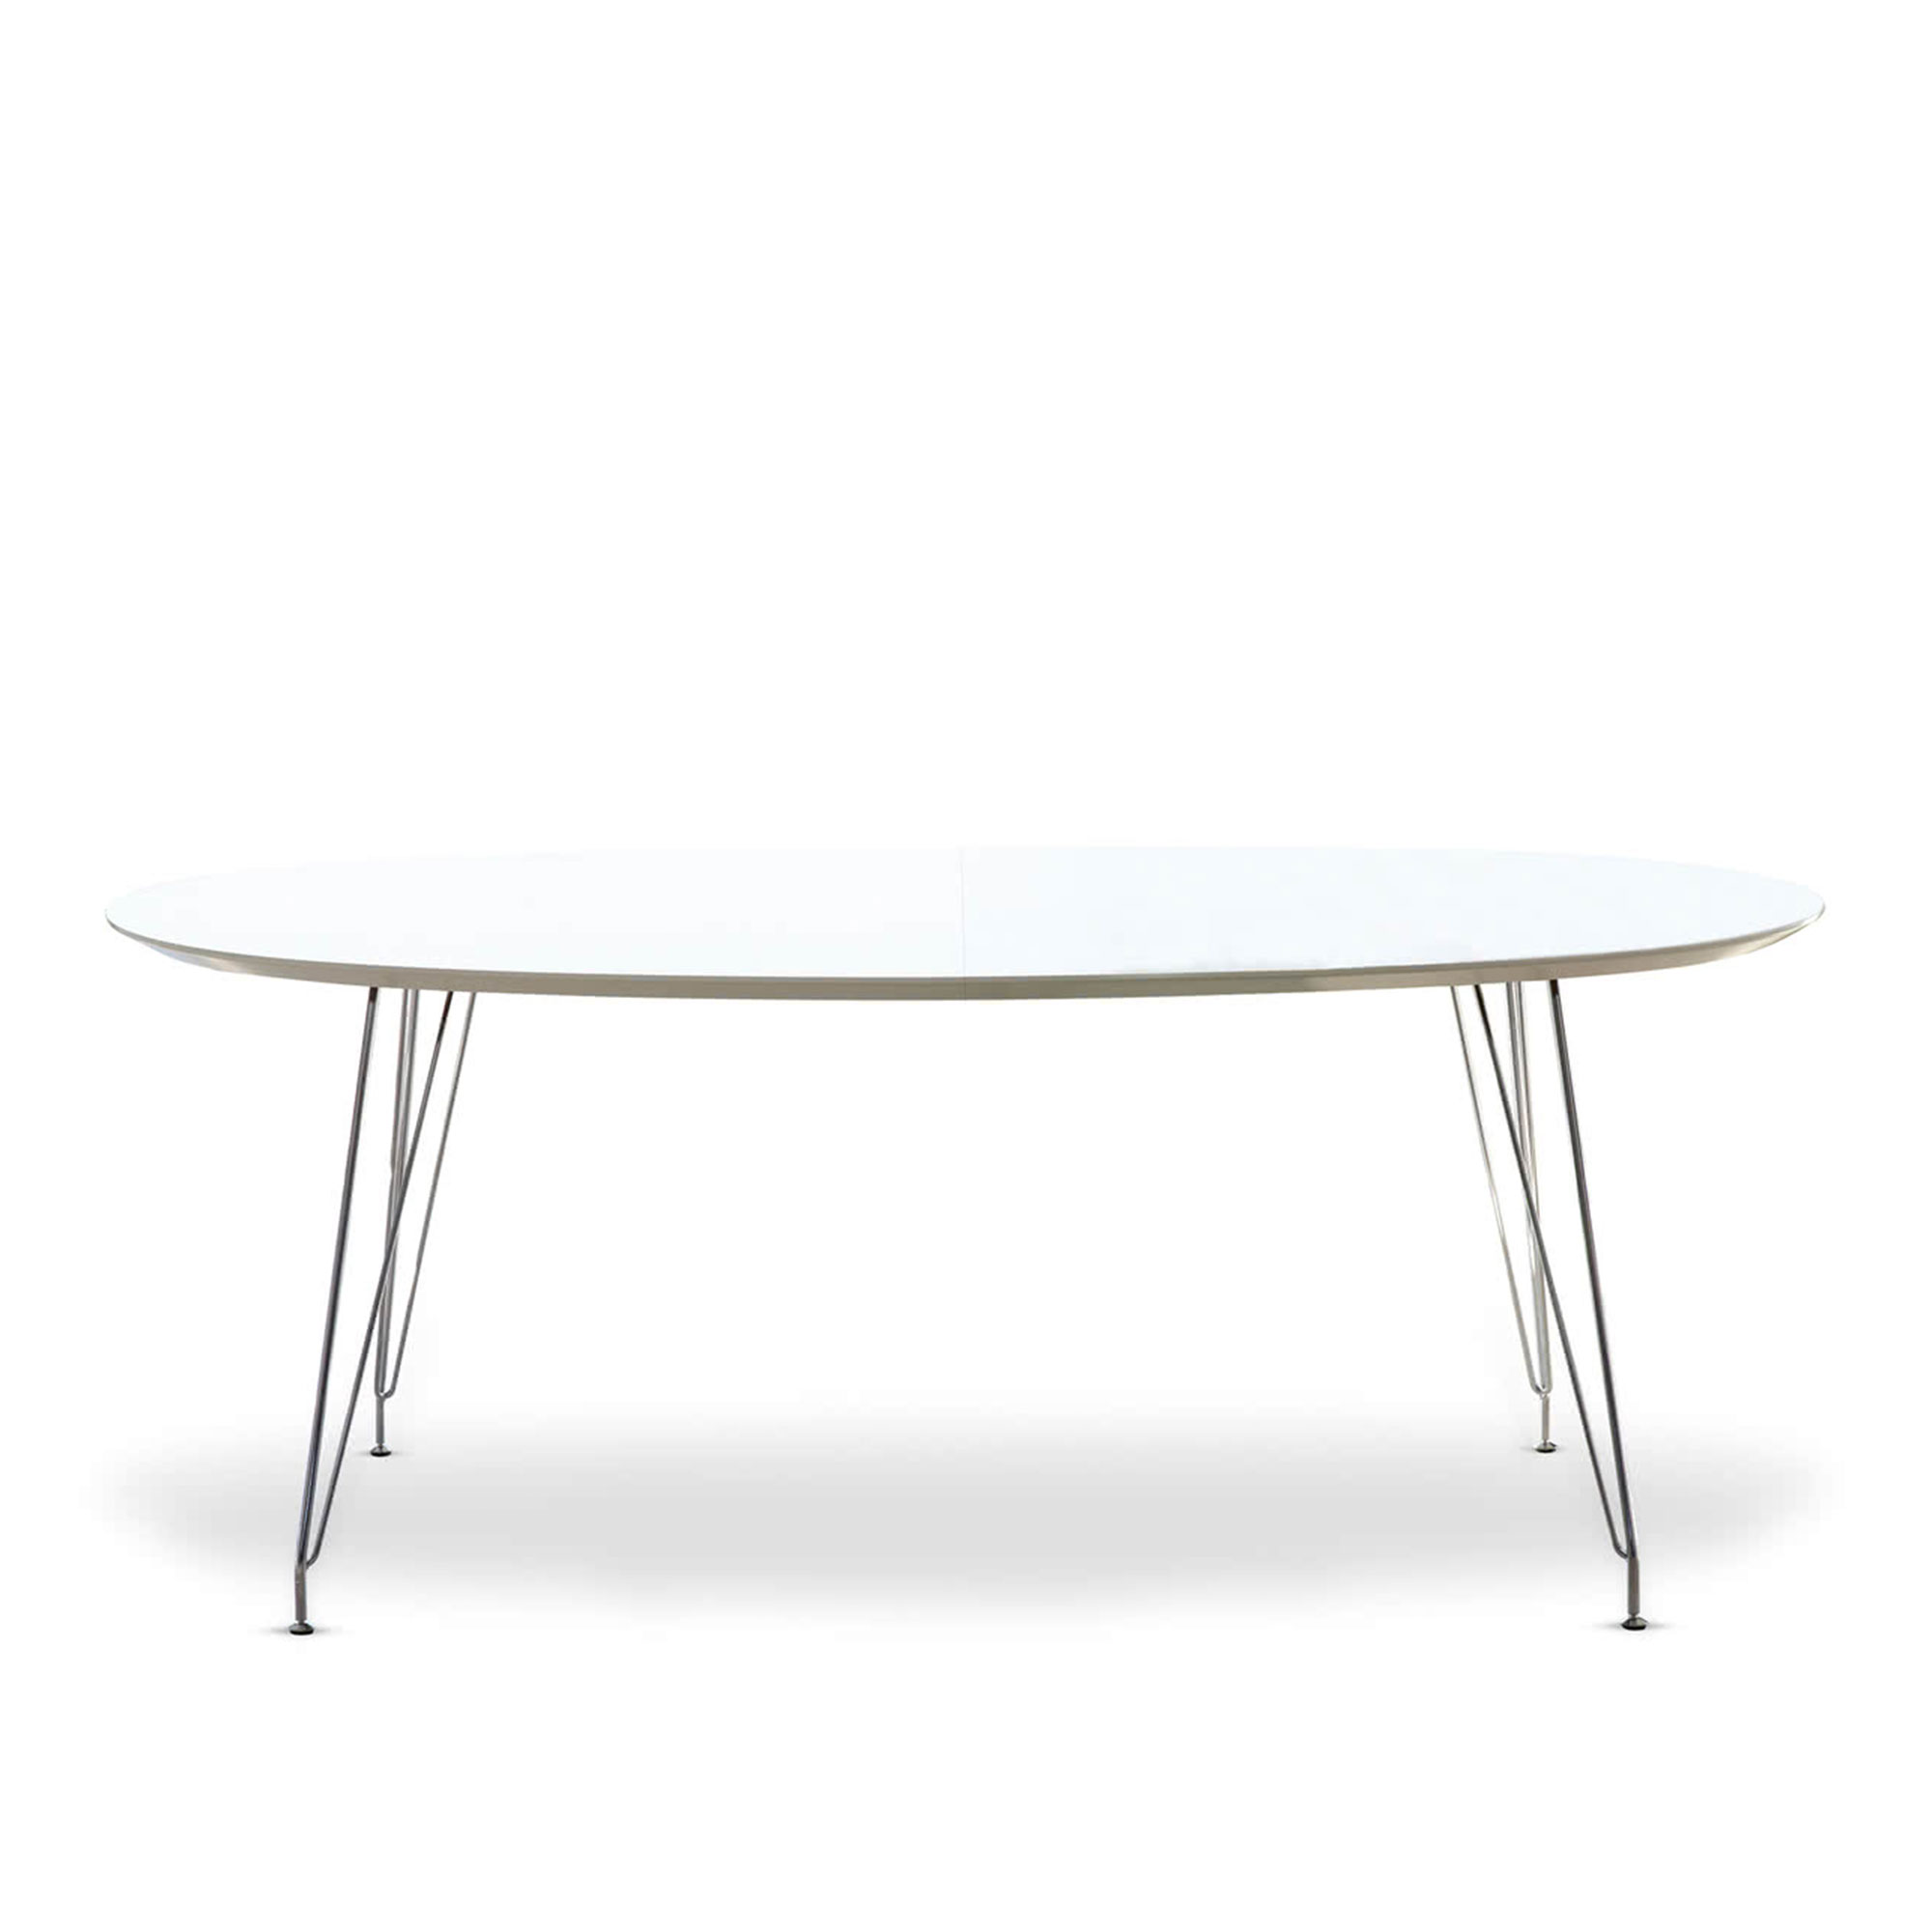 Berömda Köp DK10 Bord från Andersen Furniture | Nordiska Galleriet ZZ-51